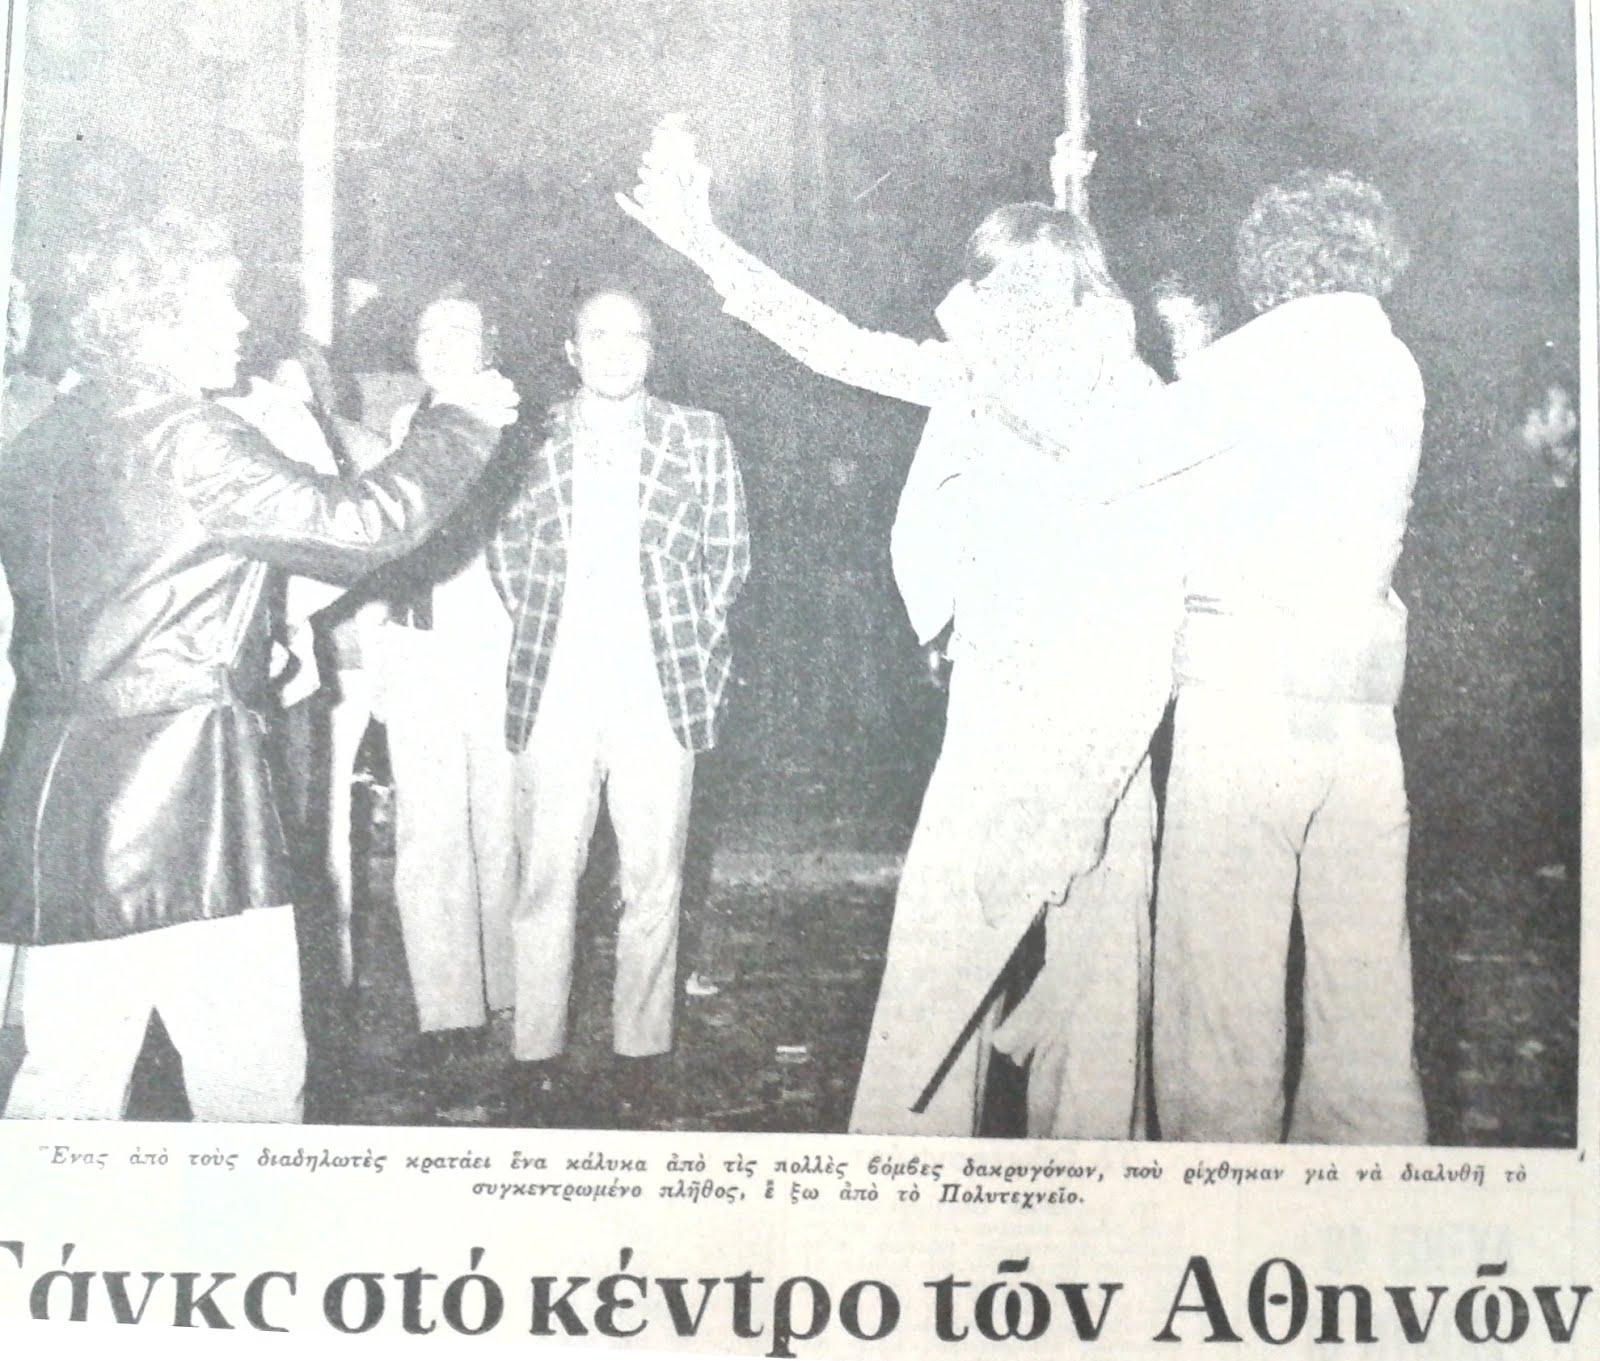 ΠΟΛΙΤΙΚΗ/ Η ΕΞΕΓΕΡΣΗ ΤΟΥ ΠΟΛΥΤΕΧΝΕΙΟΥ ΤΟ 1973.